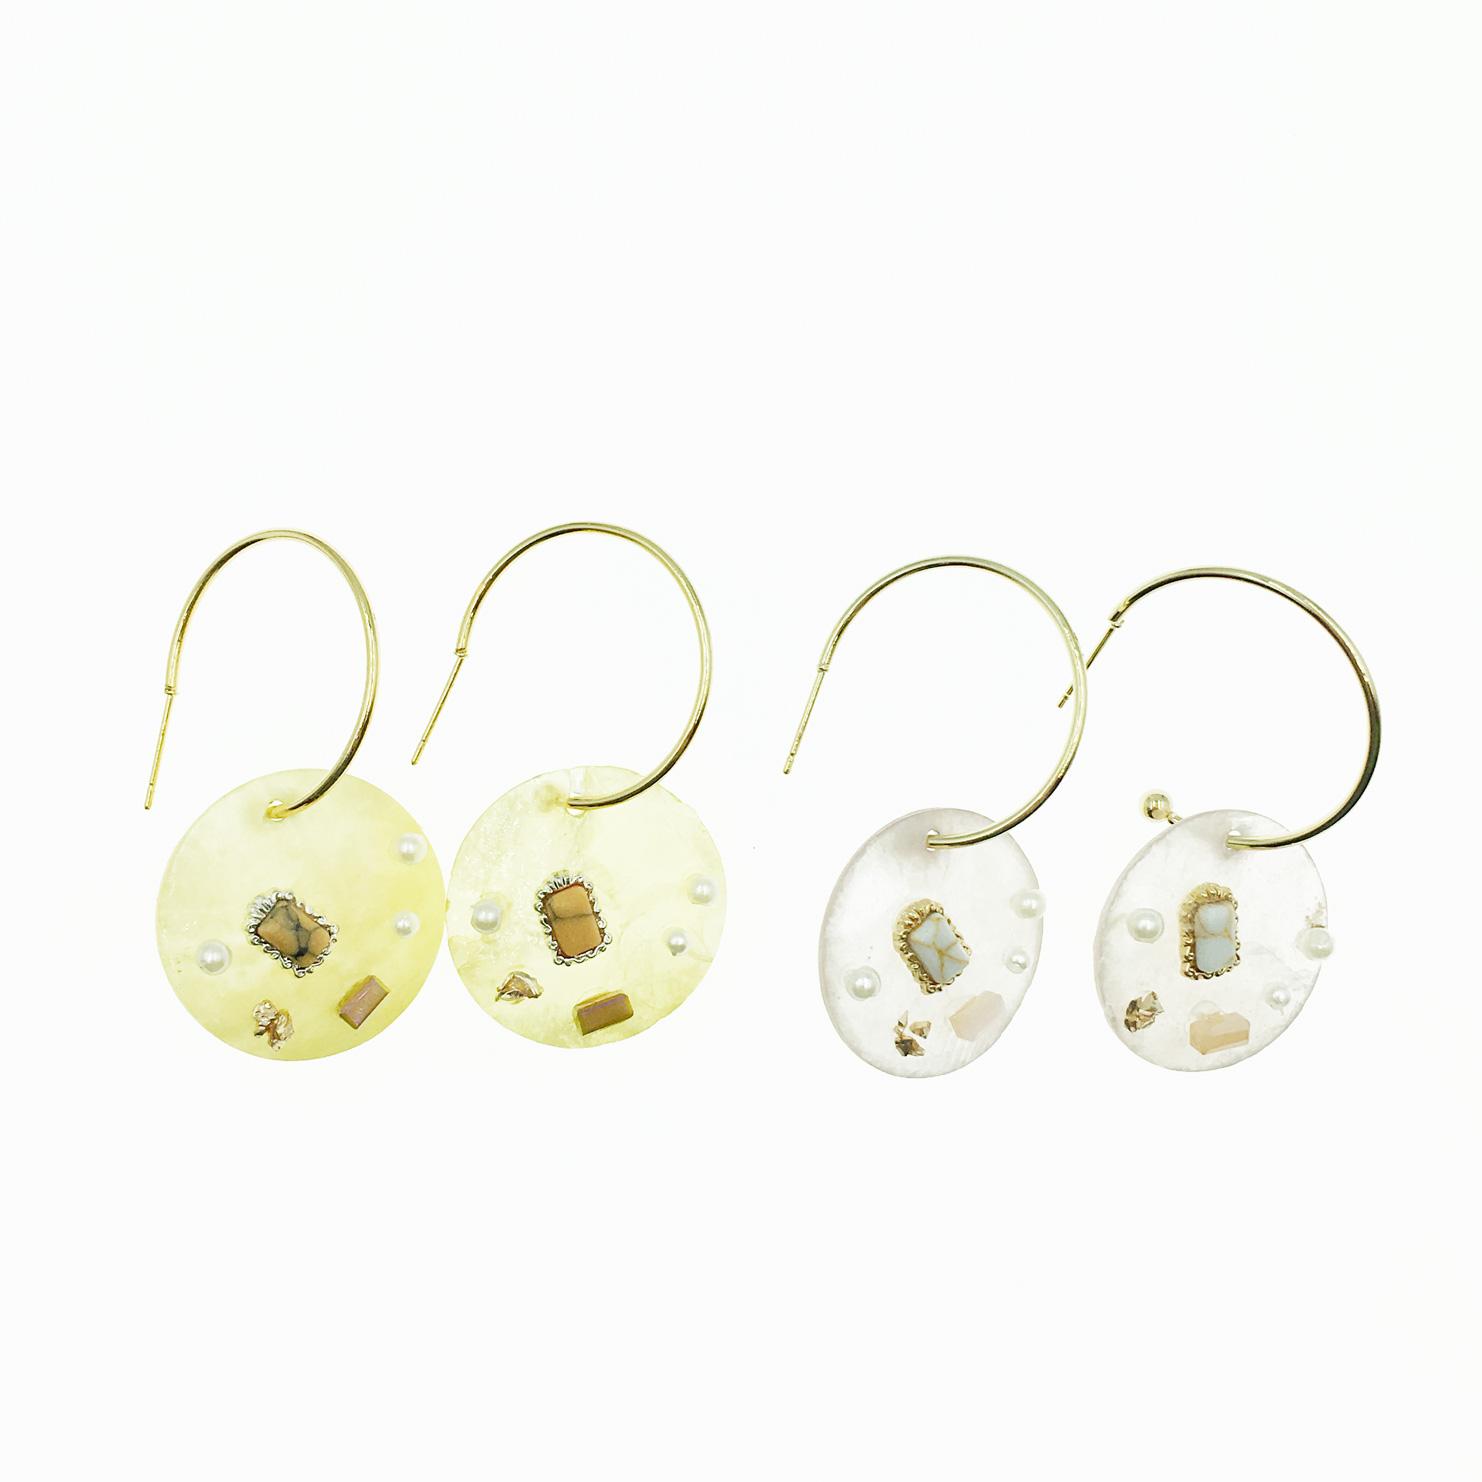 韓國 C環圈 珍珠 涼感寶石水晶 2色 垂墜感 耳針式耳環